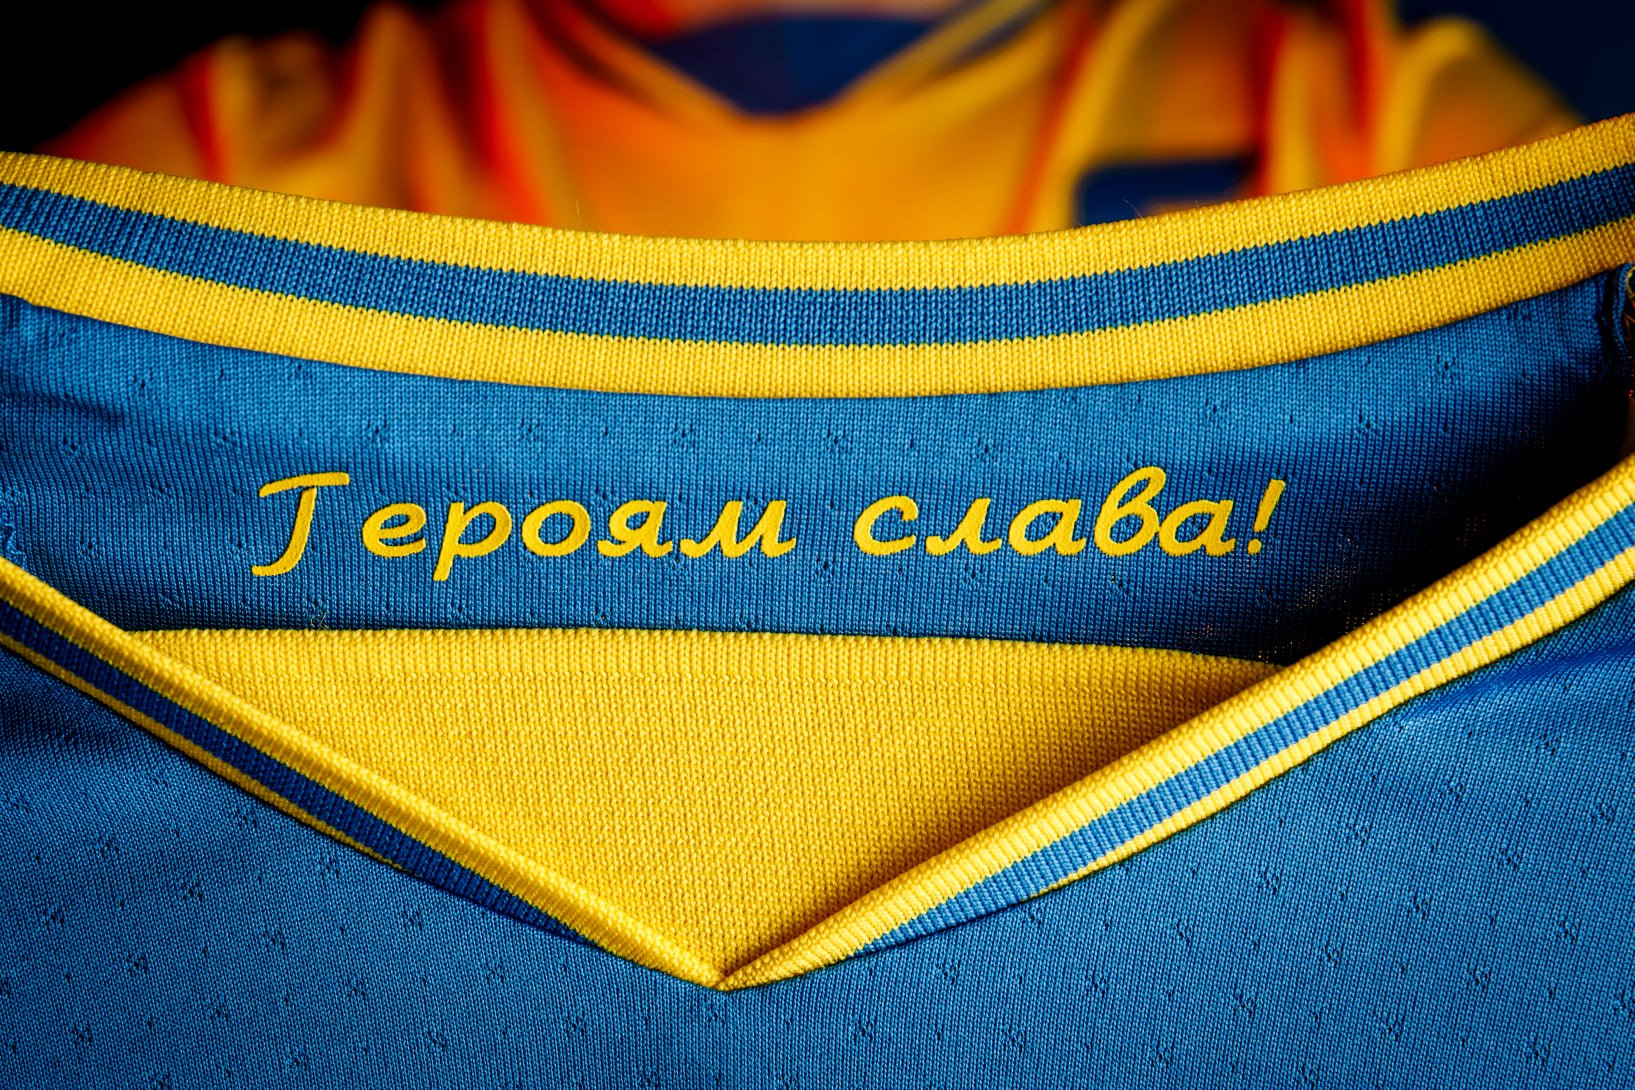 Павелко завершил переговоры с УЕФА: лозунг «Героям Слава!» оставят, но заклеят эмблемой